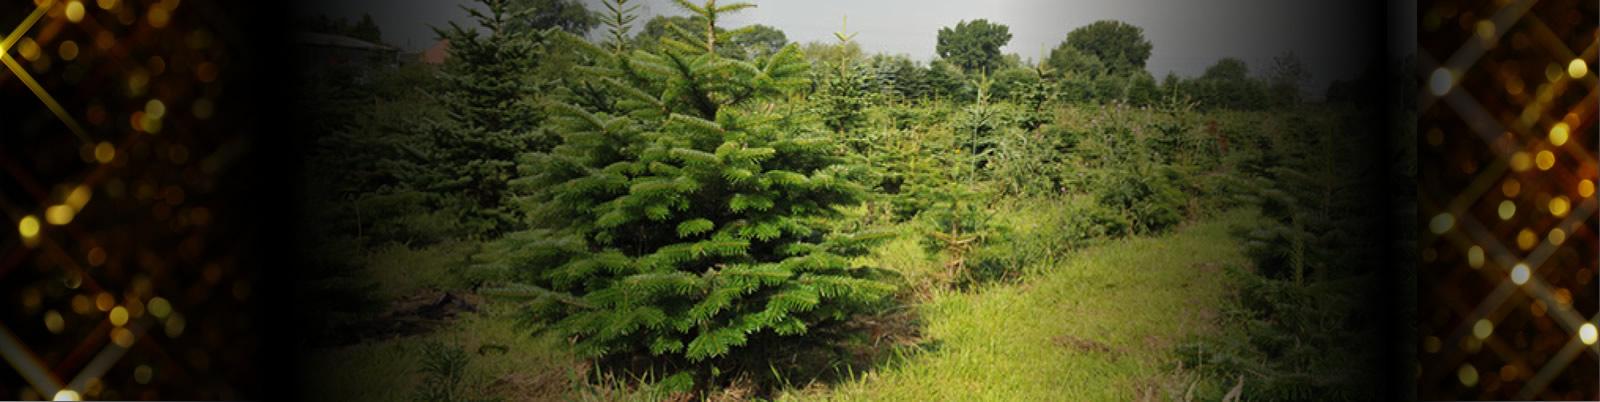 Wholesale Christmas Trees - Joseph Noblett